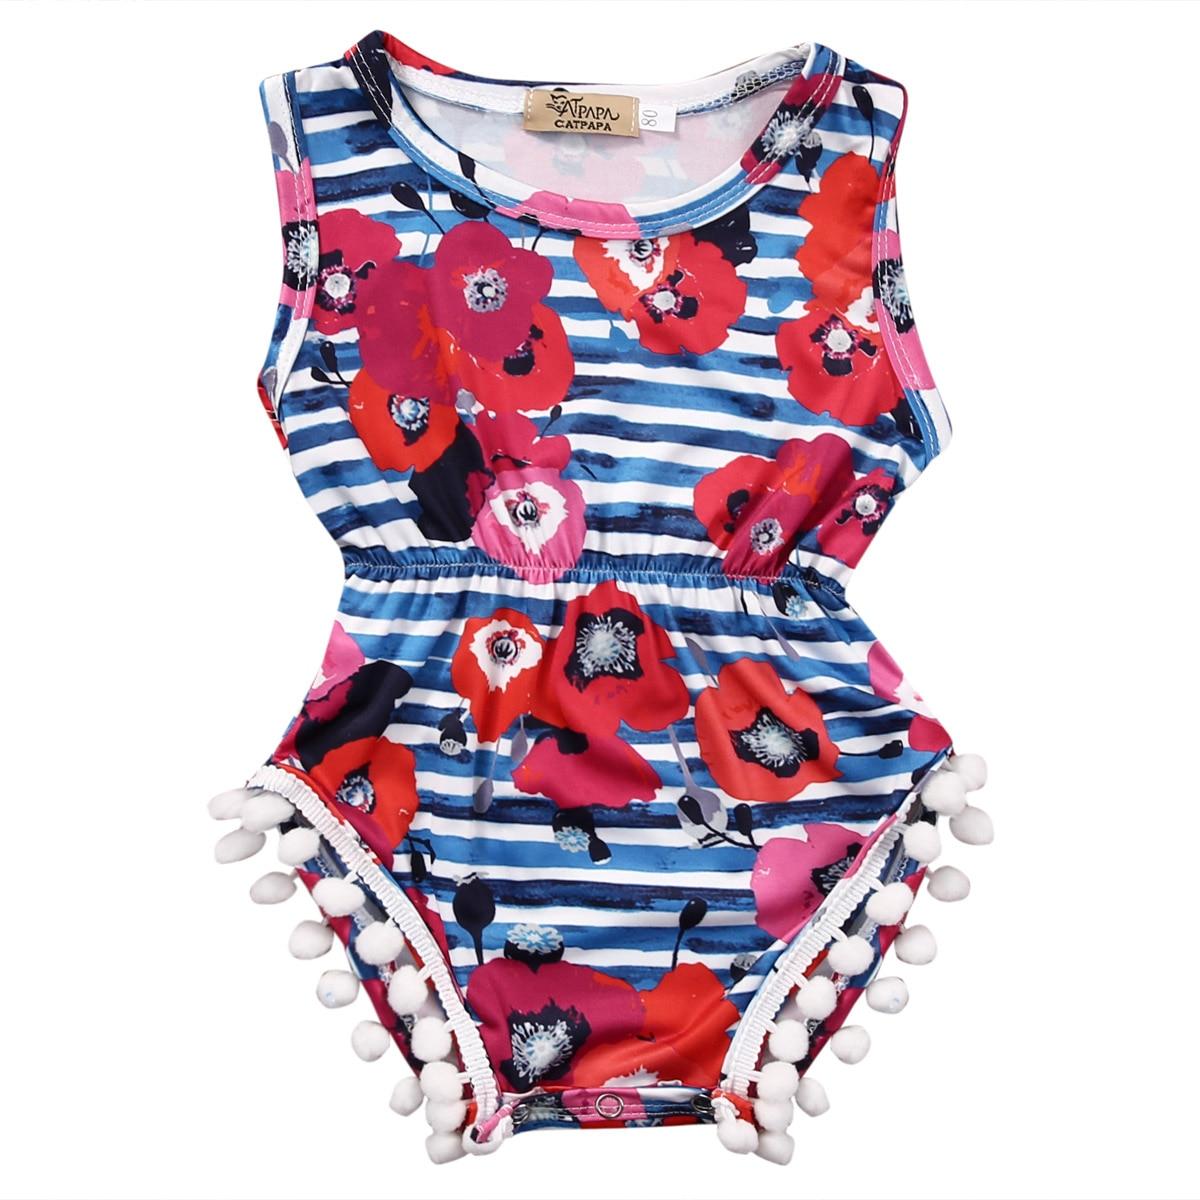 NOVINKY Příchody Kojenecká novorozenec Dívka Dívka Floral Romper - Oblečení pro miminka